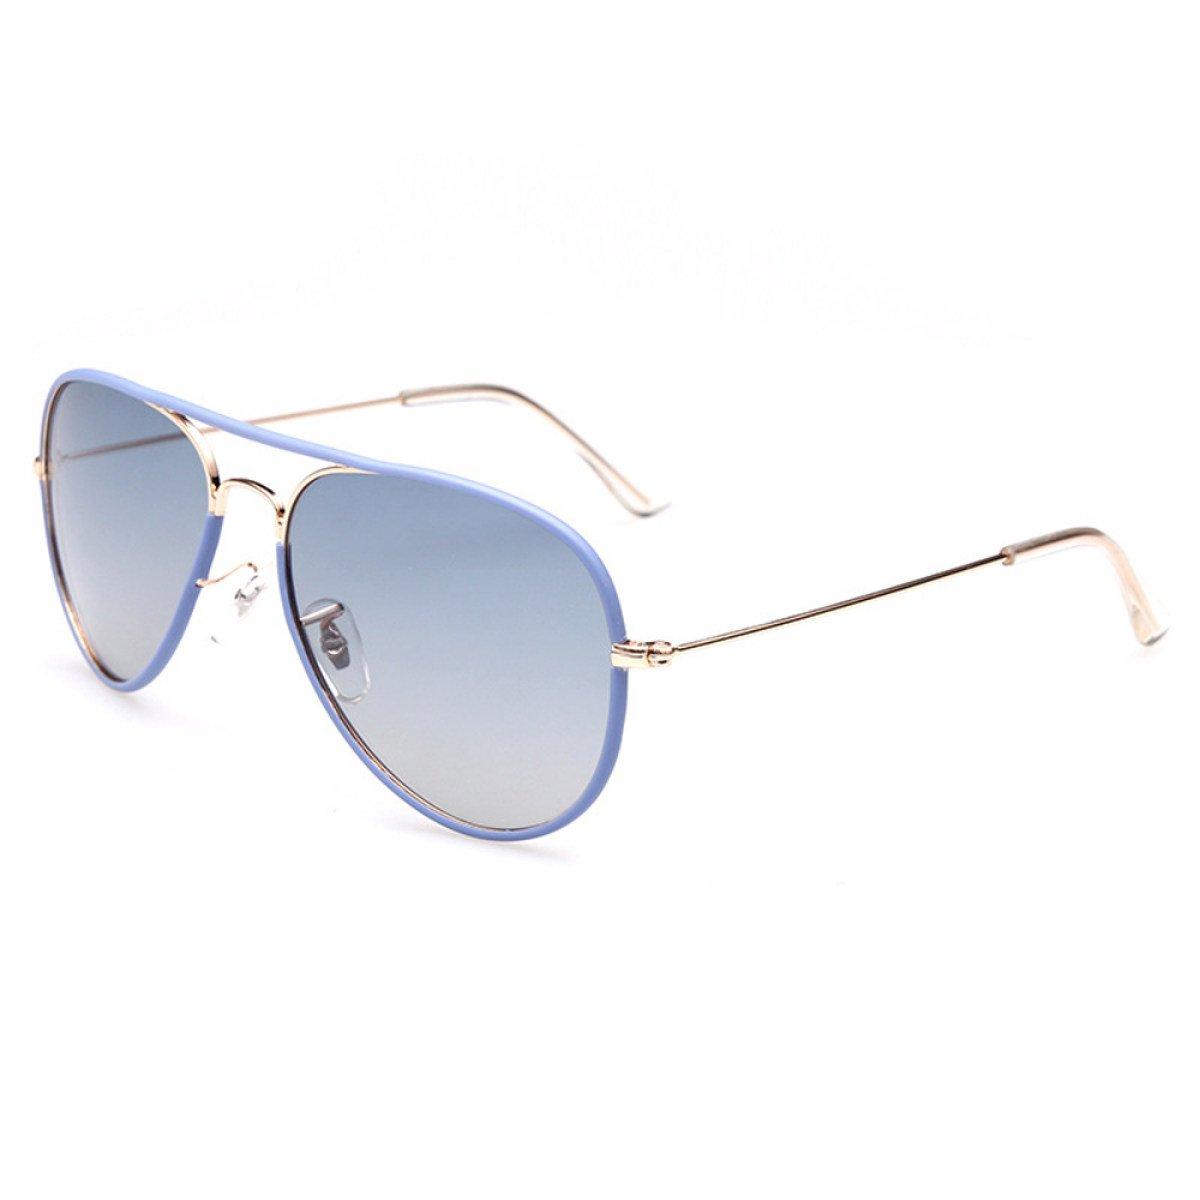 Männer Und Frauen Klassische Vorhaut Polarisierte Sonnenbrille Mehrfarbig Optional,Zpbk-OneSize